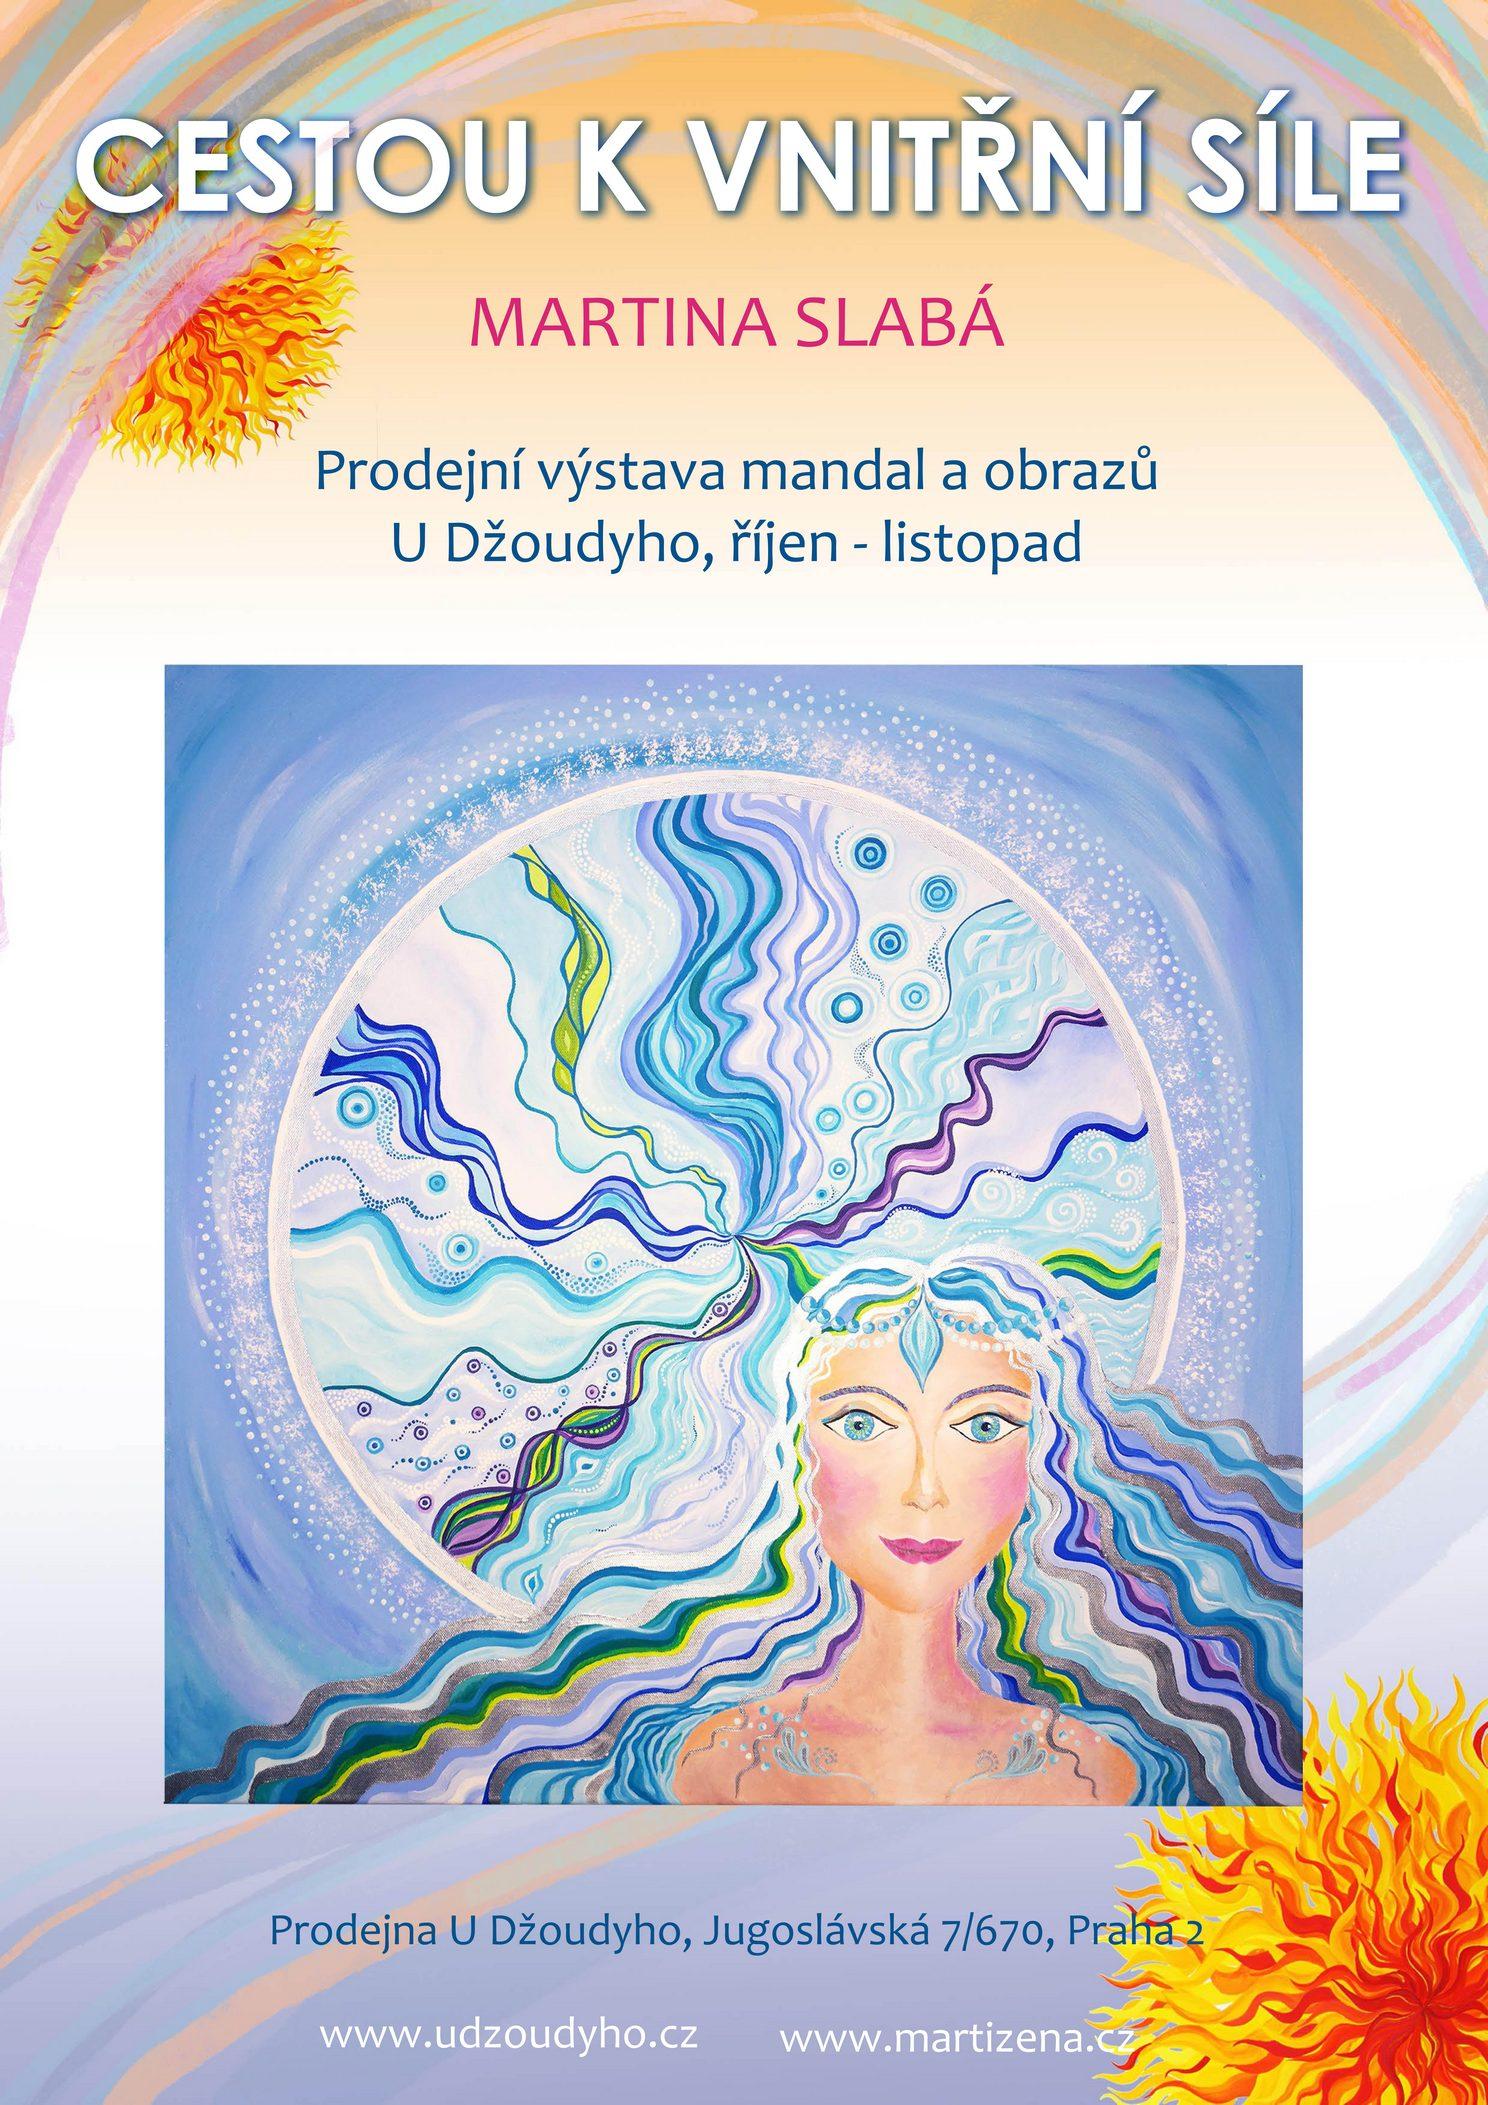 VÝSTAVA: Cestou k vnitřní síle - mandaly a obrazy - Martina Slabá (1.10. - 30.11.2021)